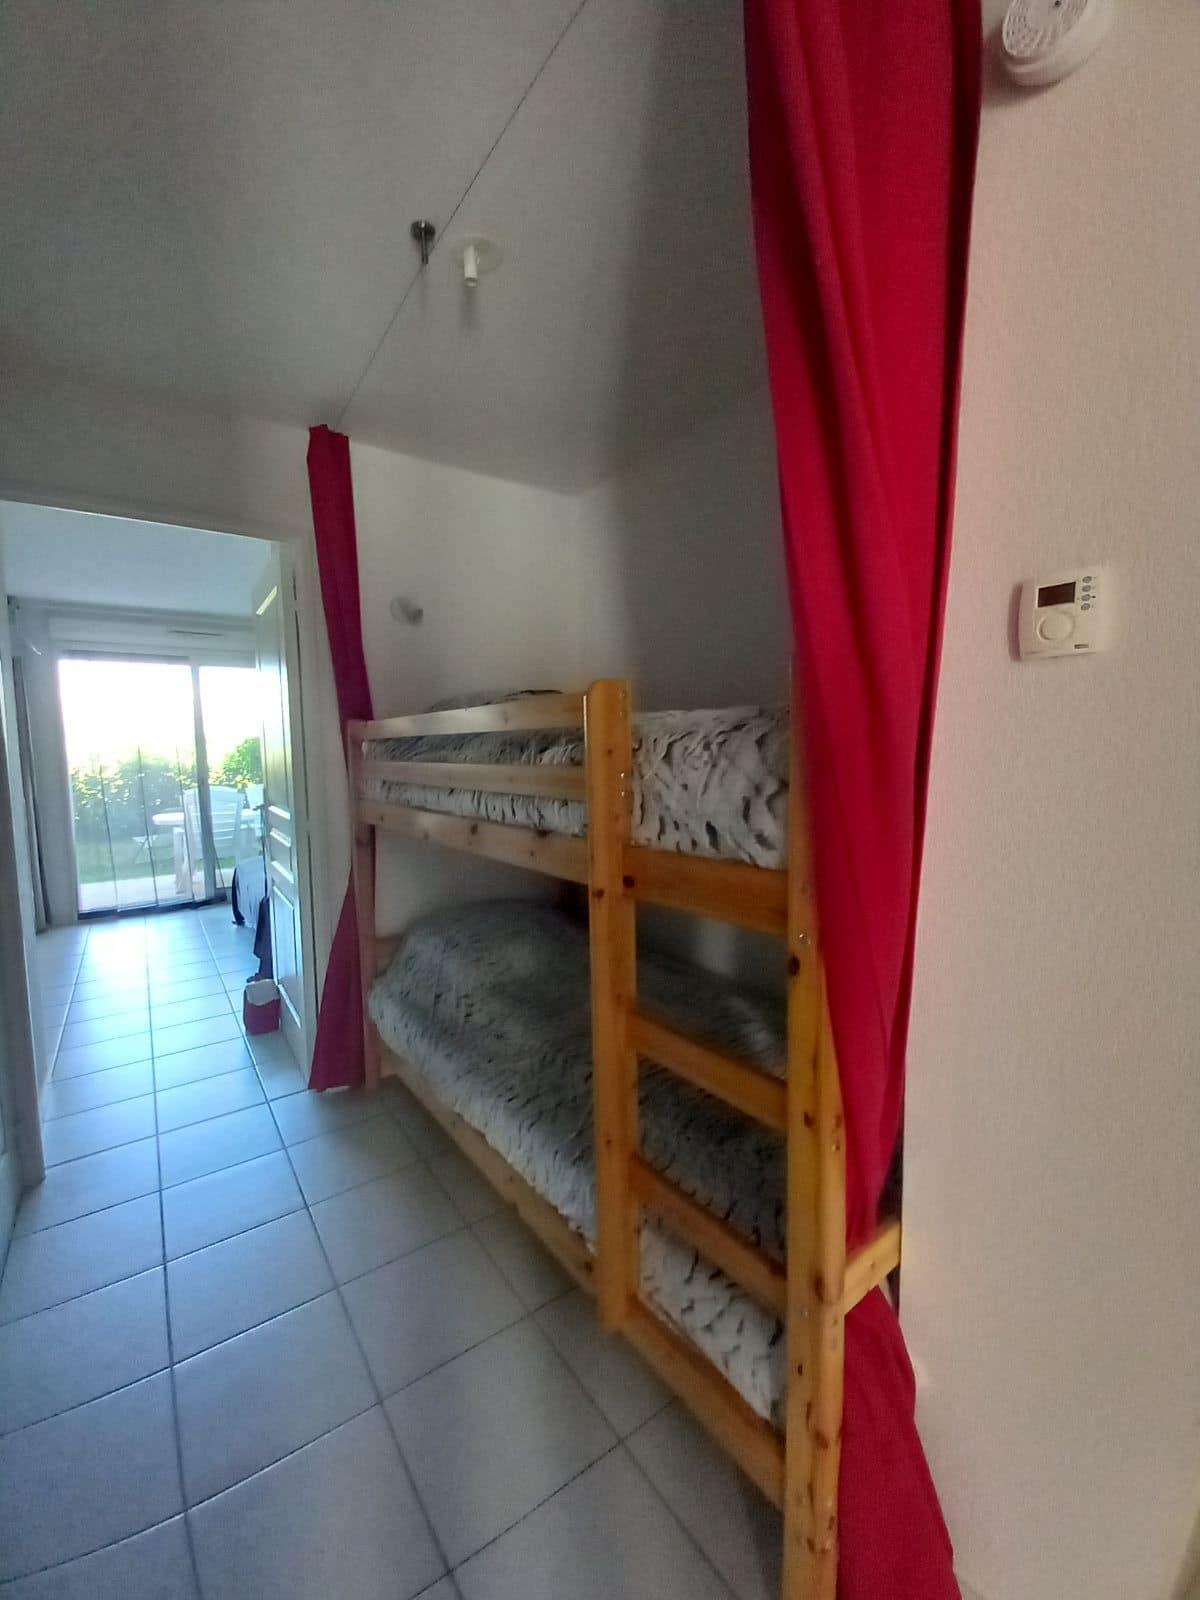 20210705 112412 - SAINT-LEGER-LES-MELEZES T2 DE 42 m² (4 COUCHAGES) AVEC JARDIN